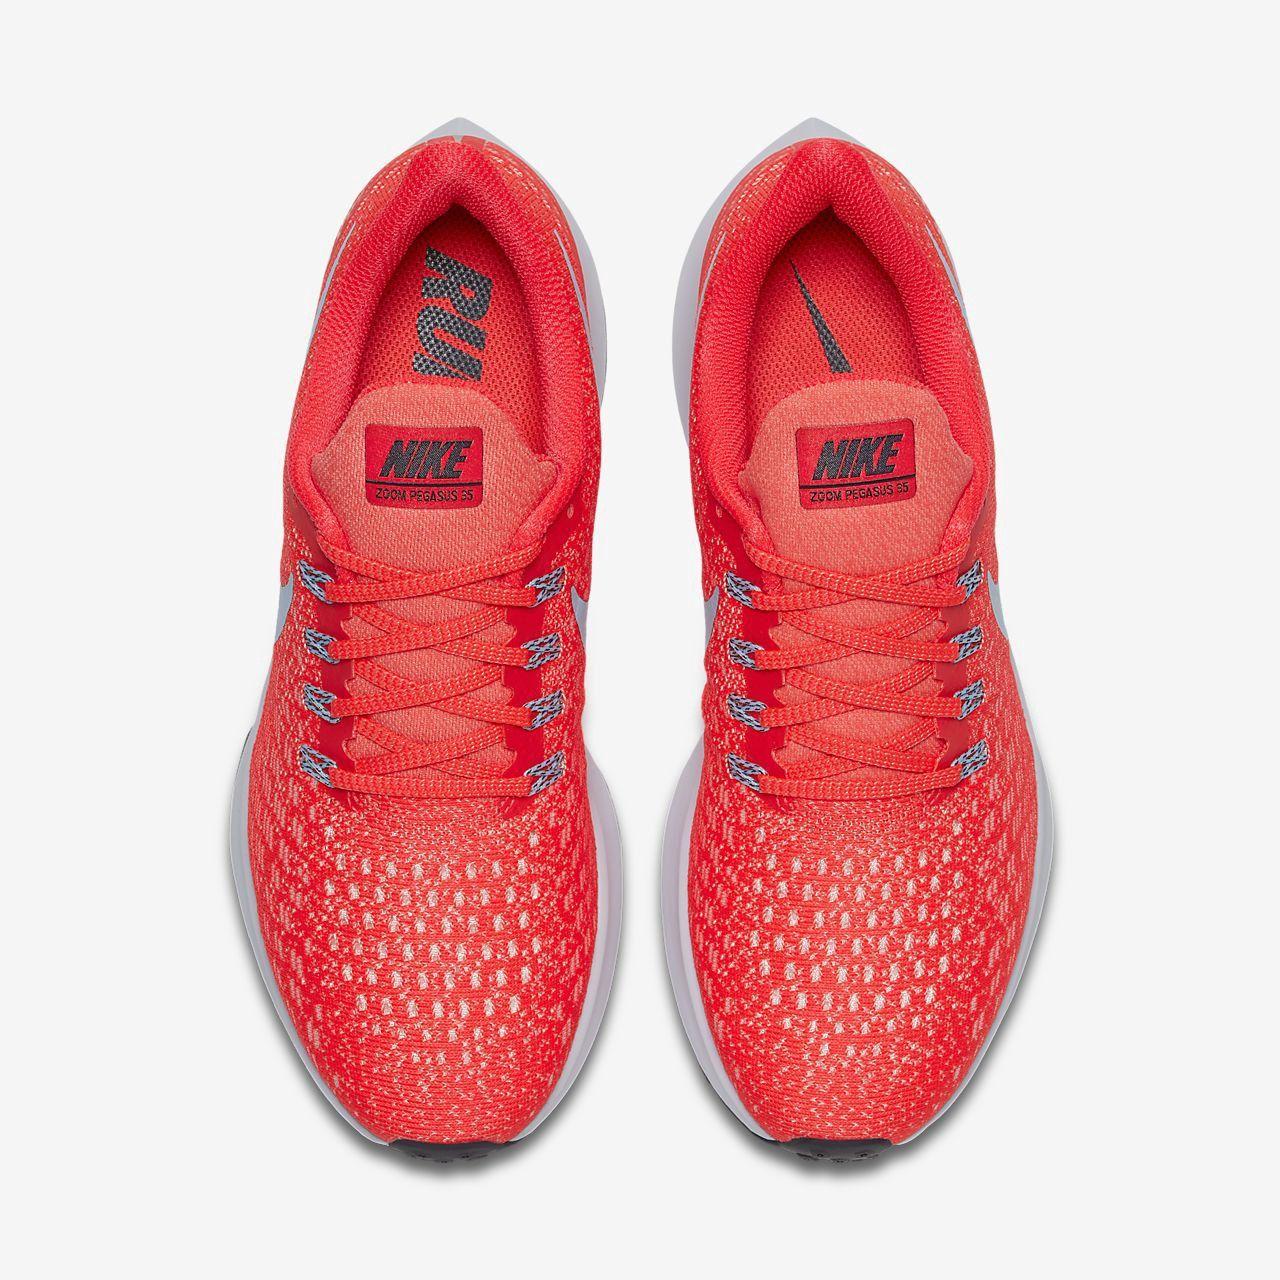 6c8a78e6135 Nike Air Zoom Pegasus 35 Women s Running Shoe - 10.5